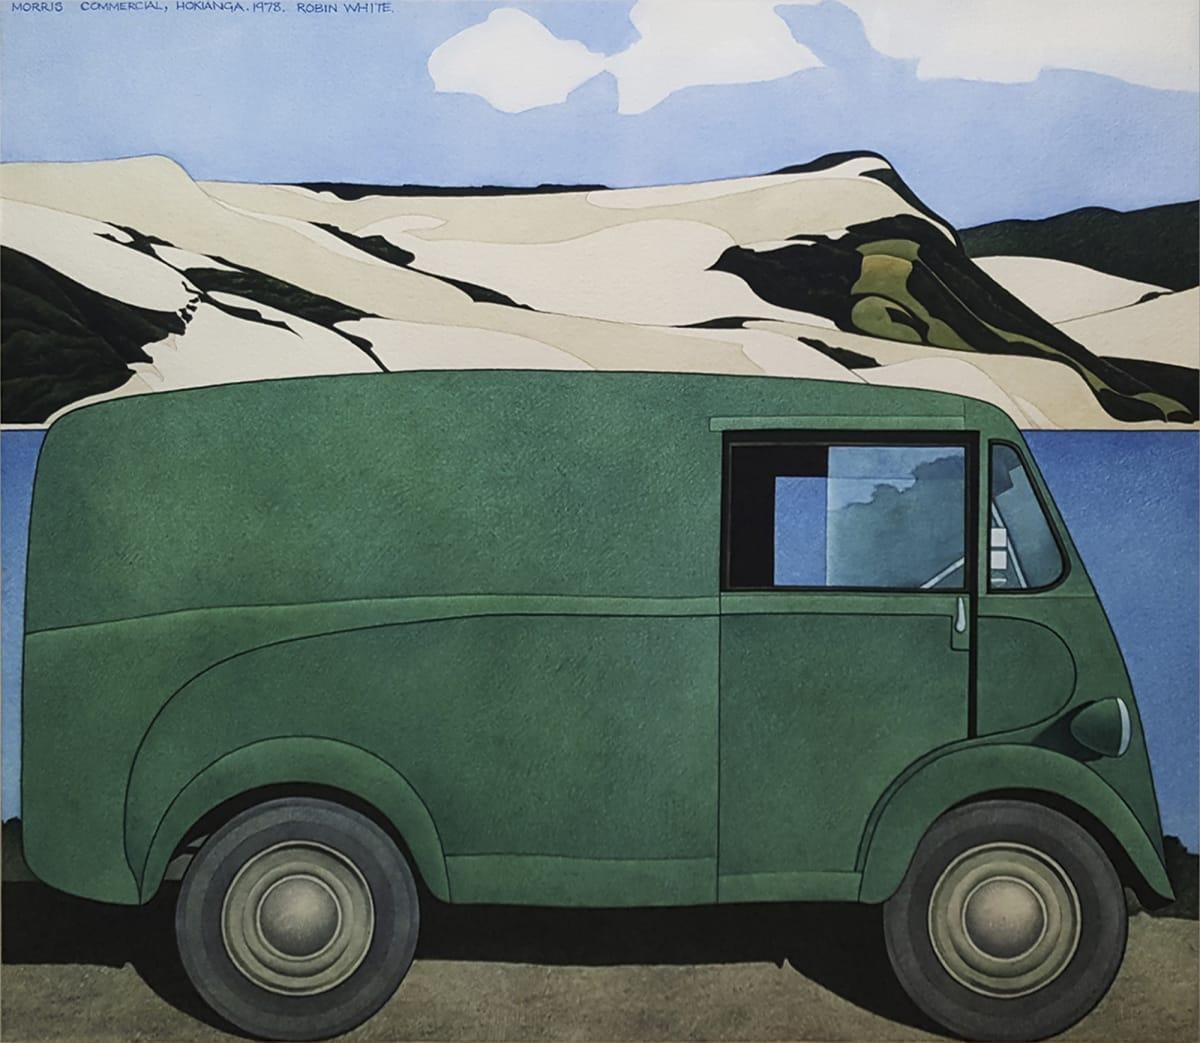 Robin WHITE, Morris Commercial, Hokianga, 1978